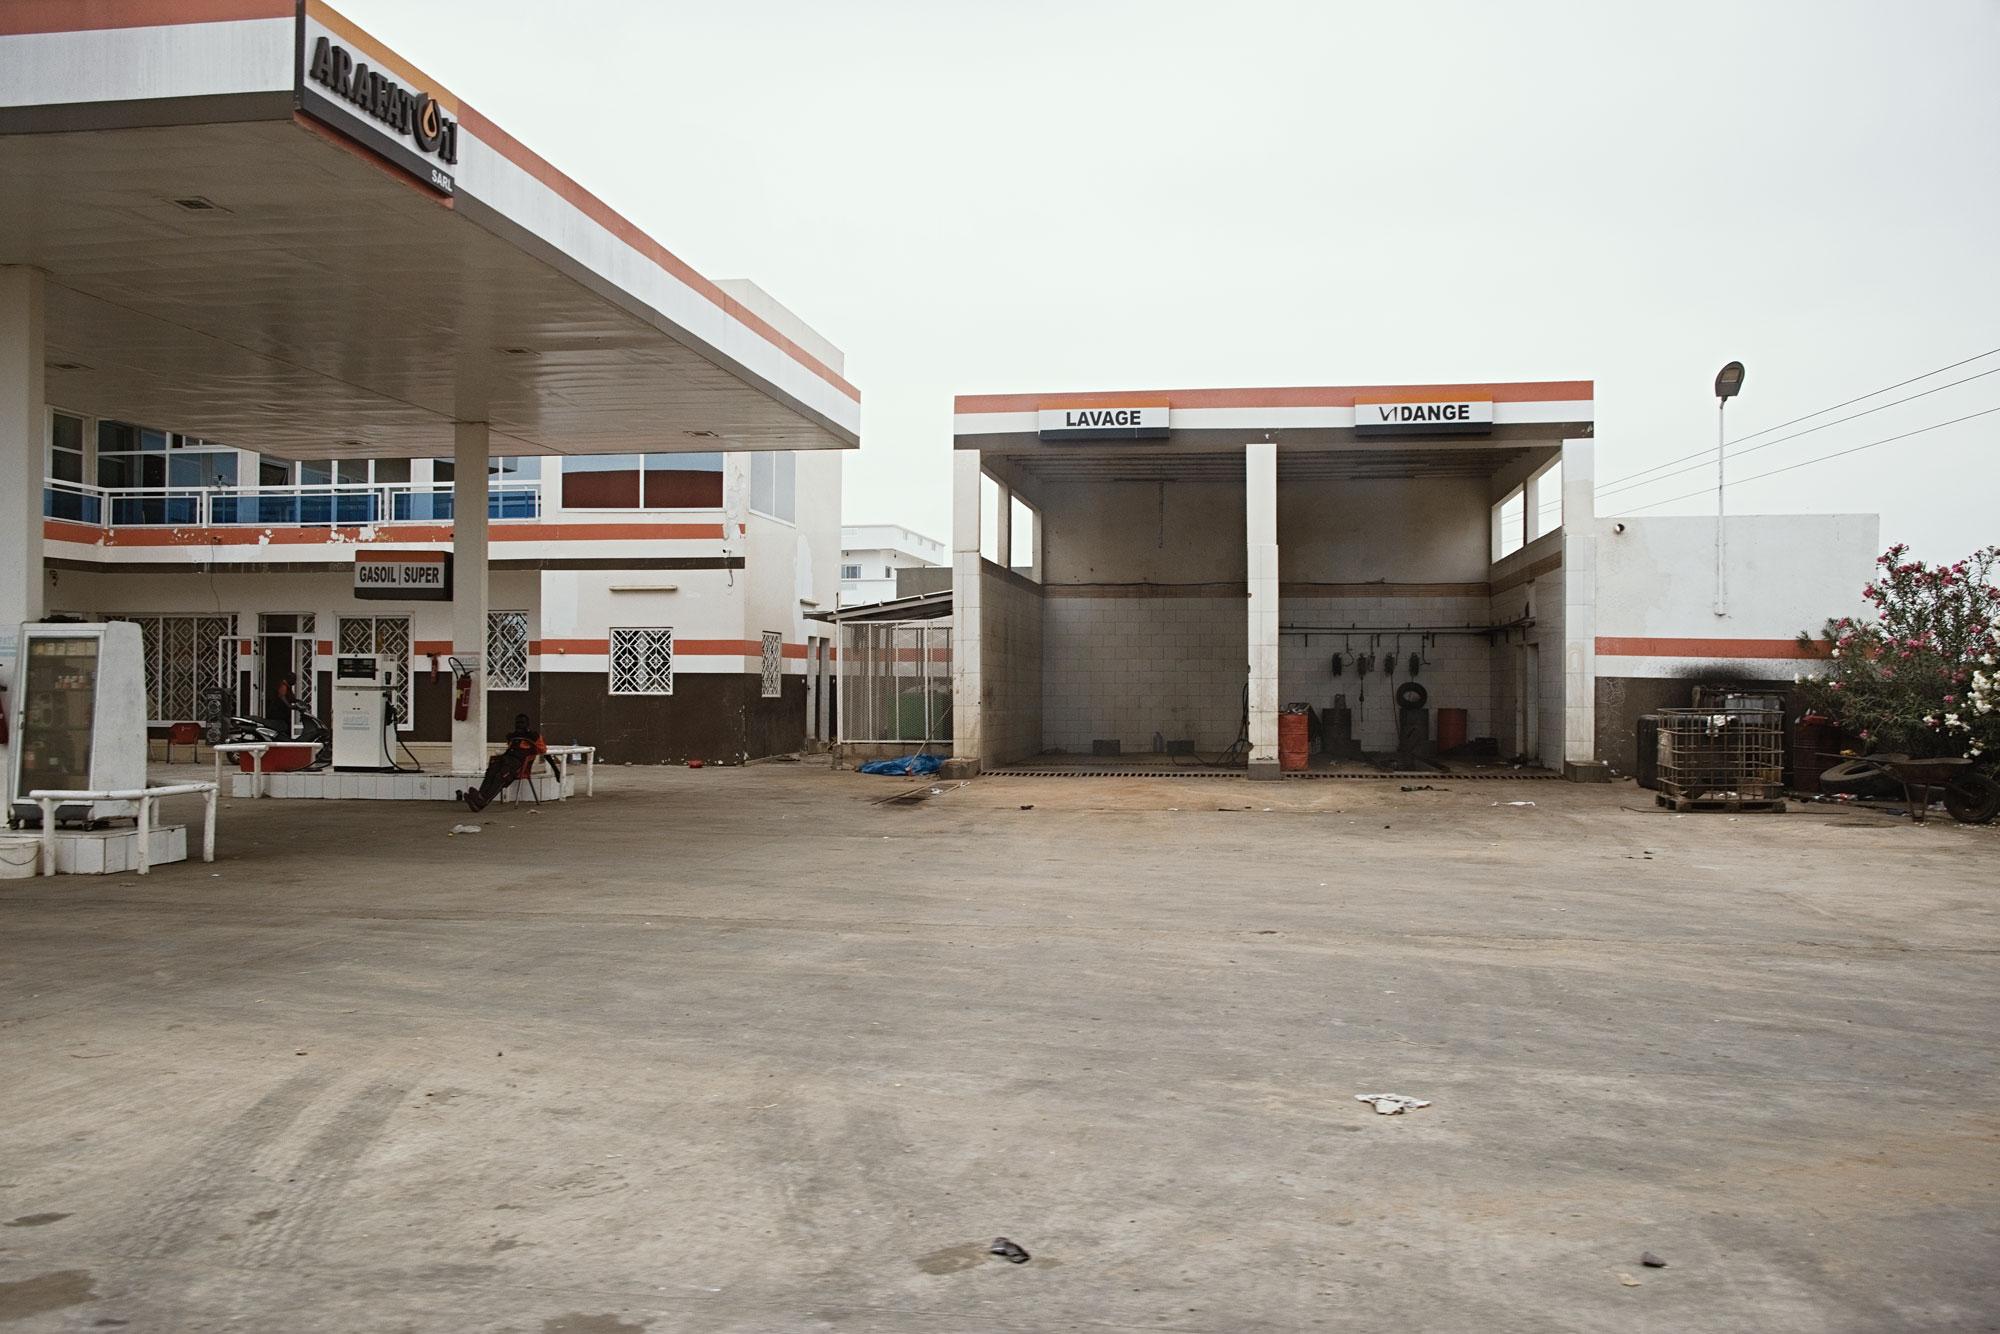 Tankstelle X | Senegal 2018